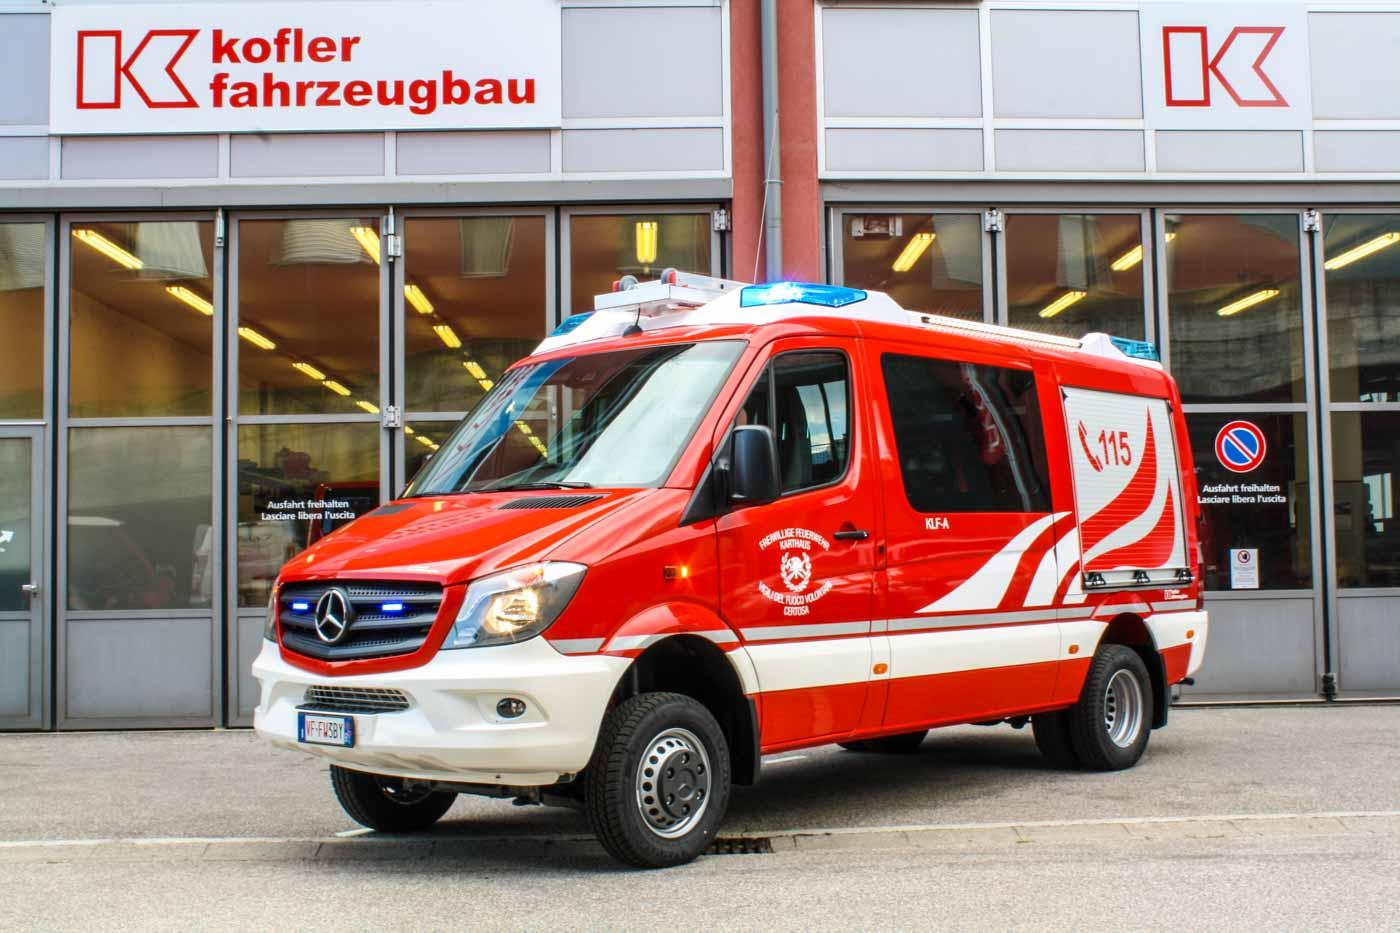 FF-Karthaus-Kofler-Fahrzeugbau